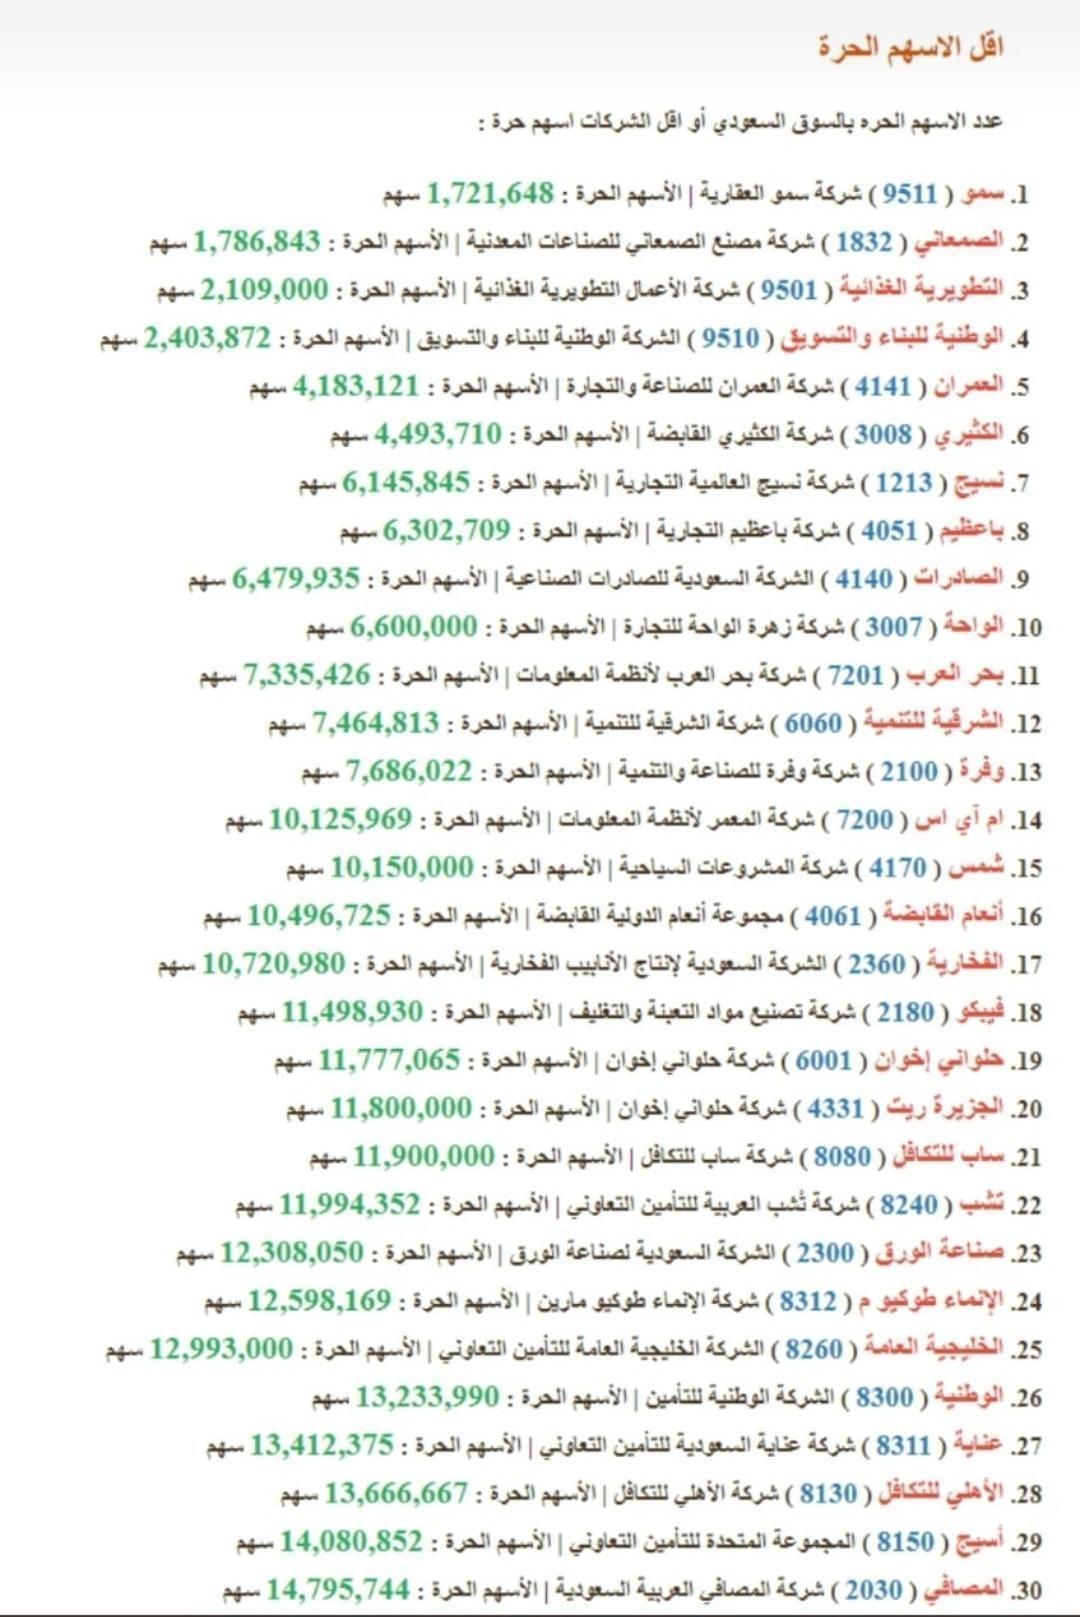 رد: أقل عدد اللأسهم الحرة في السوق السعودي  ، شاركونا